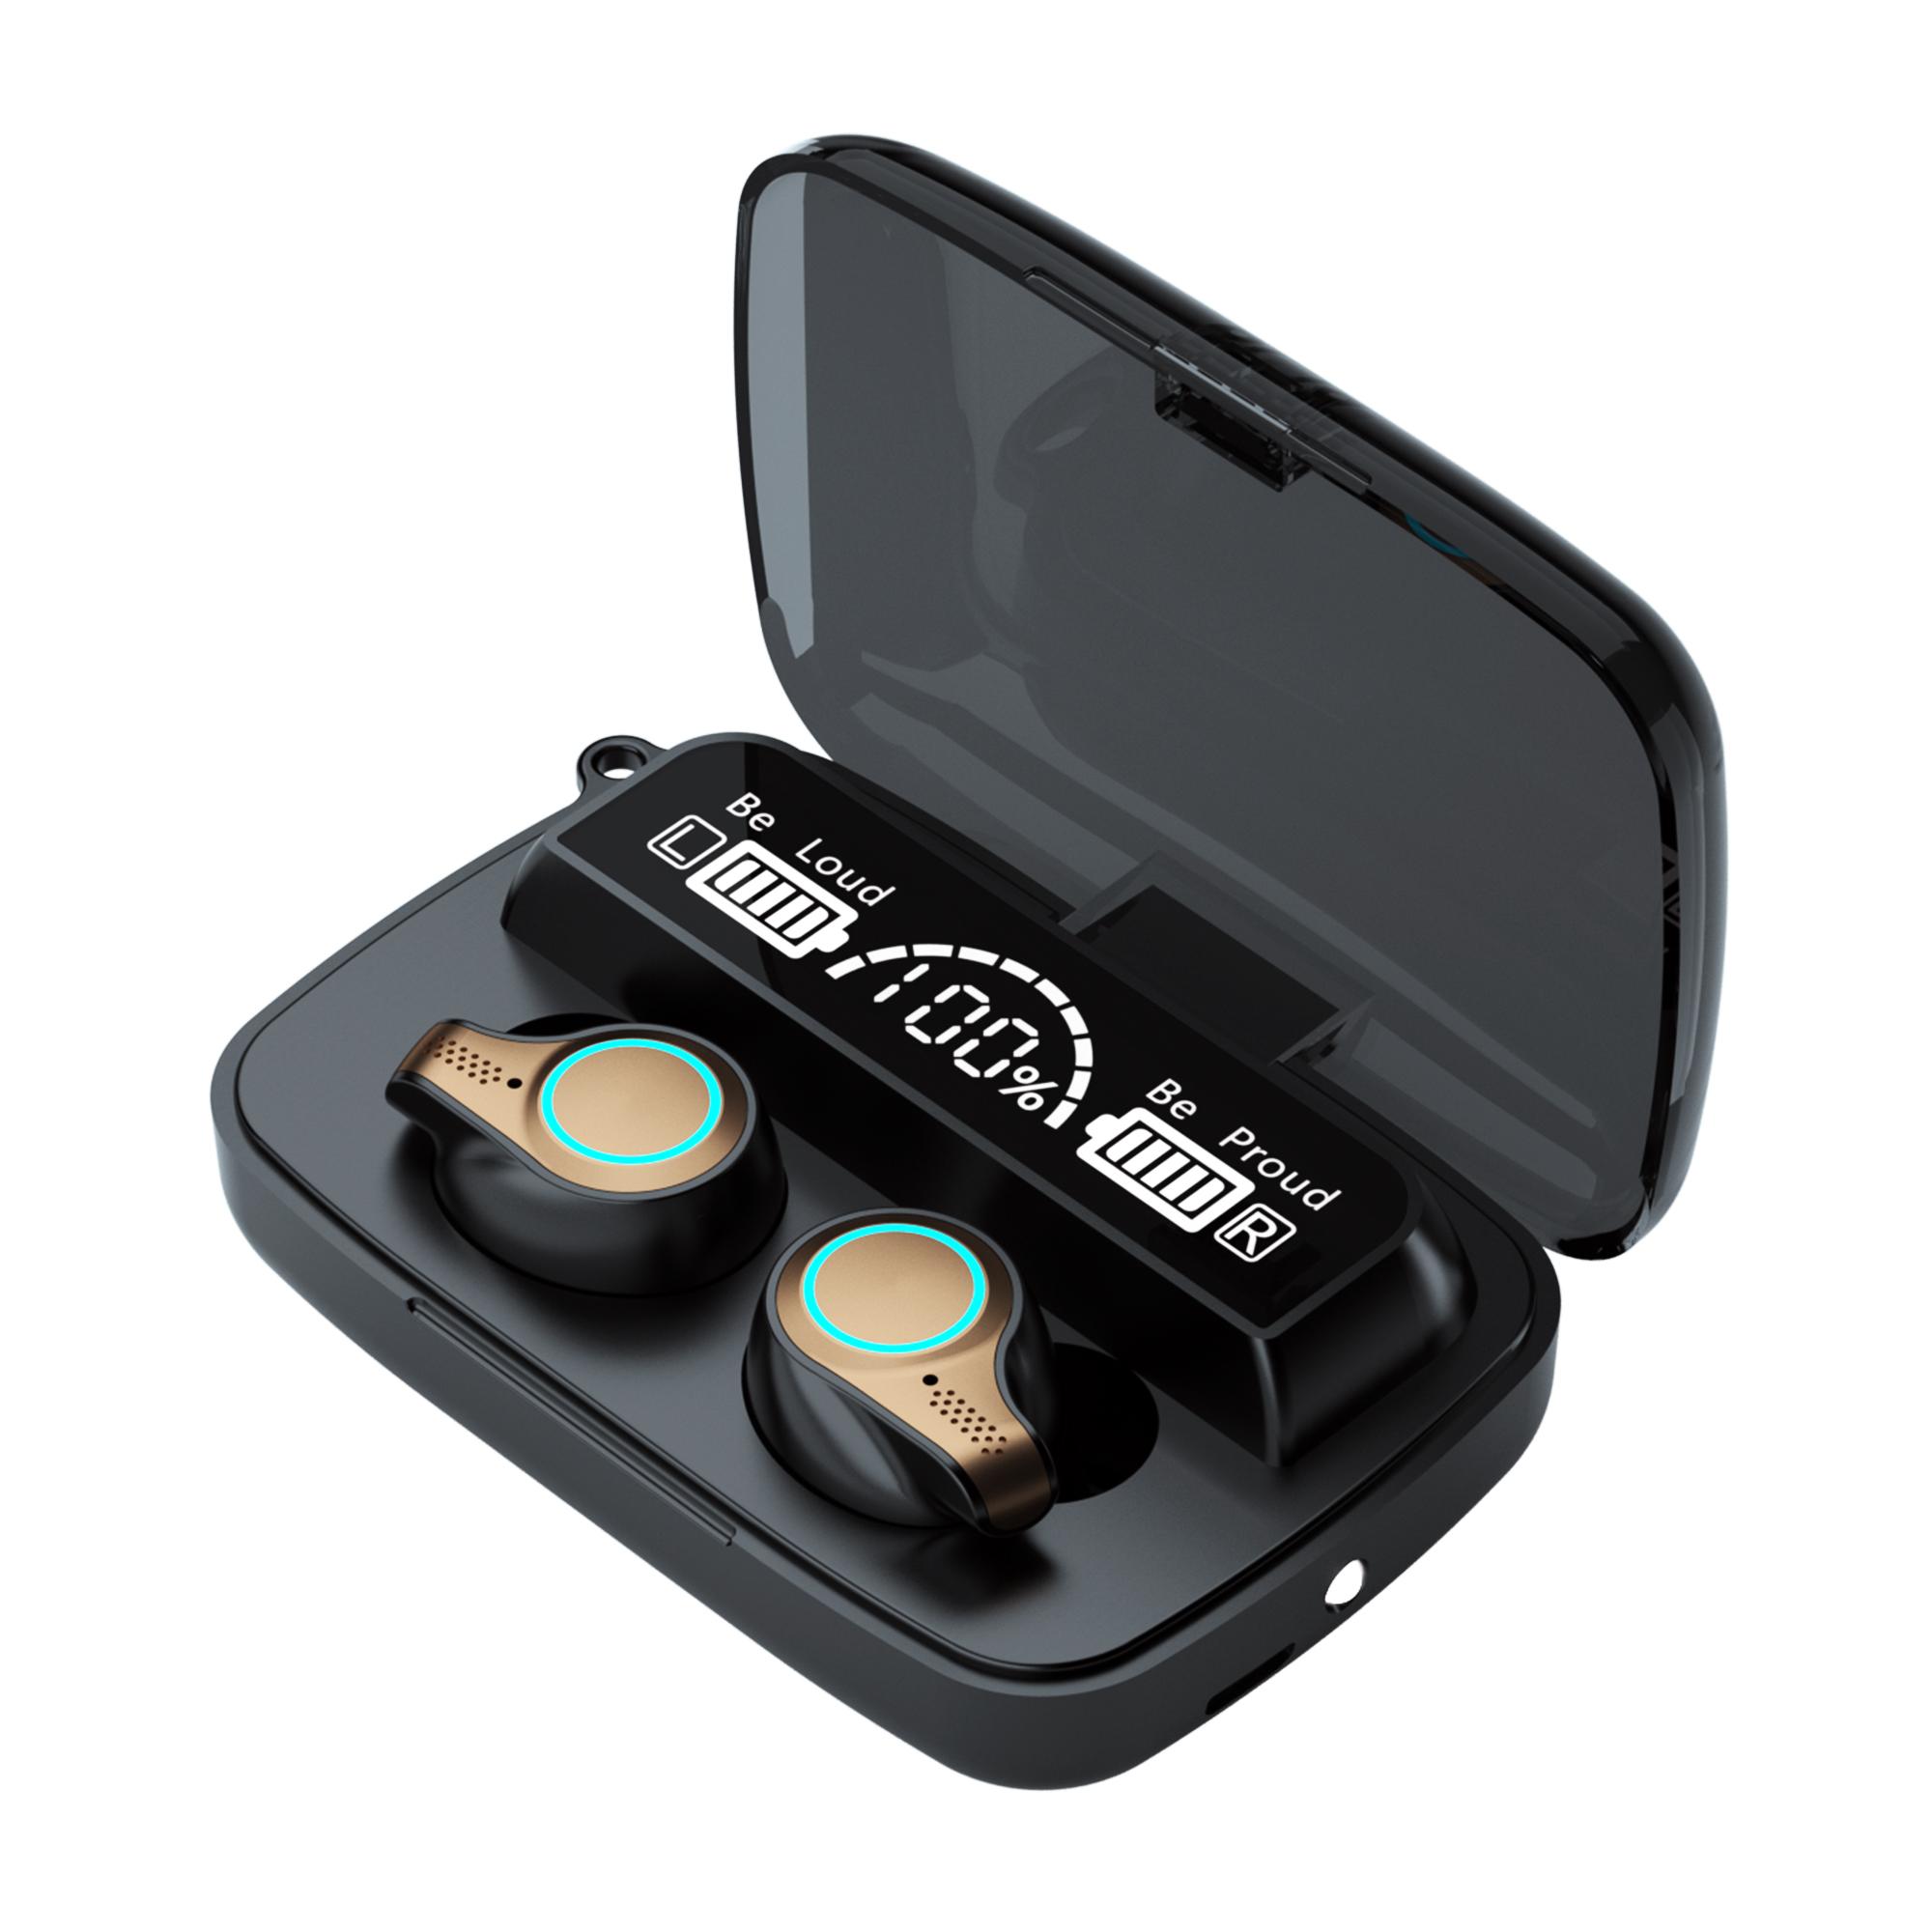 M18 TWS Wireless Earphone Touch Bluetooth 5.1 Earplugs In The Ear Stereo Music Headsets Sport Waterproof Headphones black